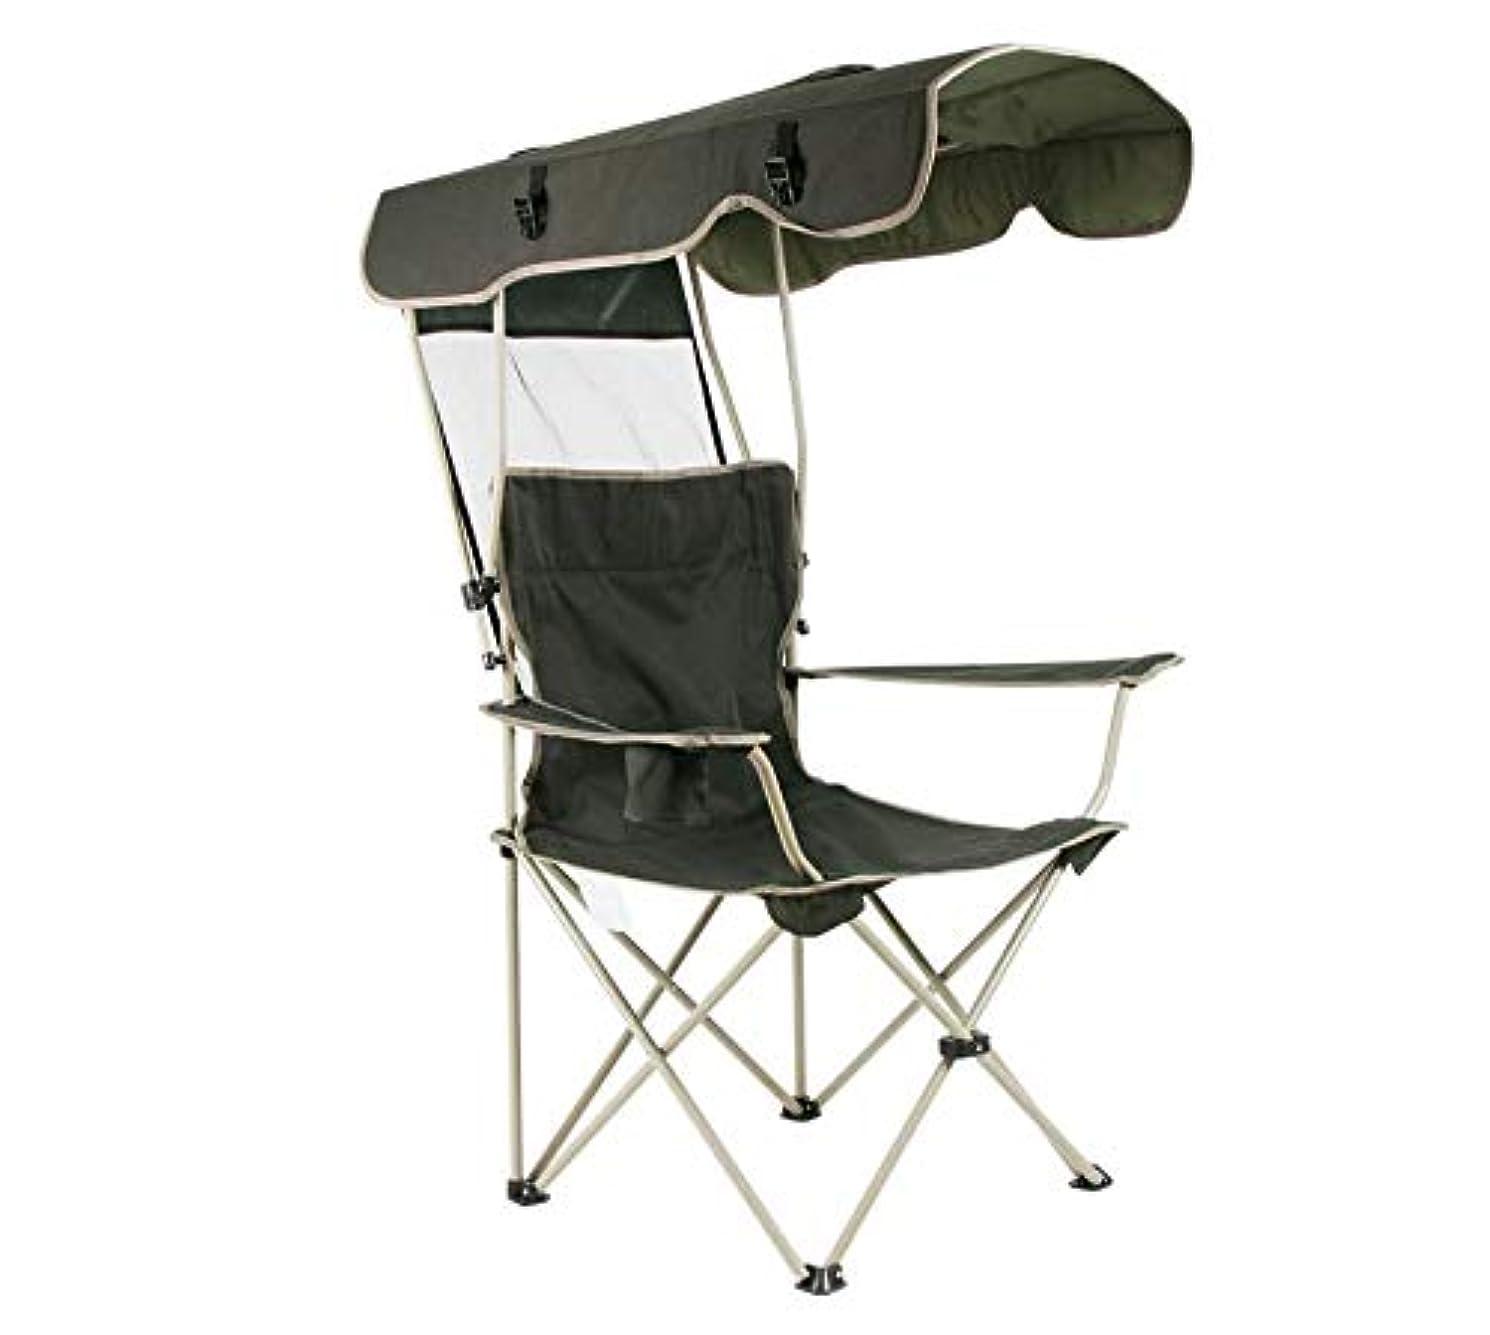 ヘクタールそこから被るアウトドア キャンプ用チェア, 日陰 ビーチチェア 折りたたみ椅子 レジャー ポータブル 釣り ピクニック 狩猟 旅行する 庭園